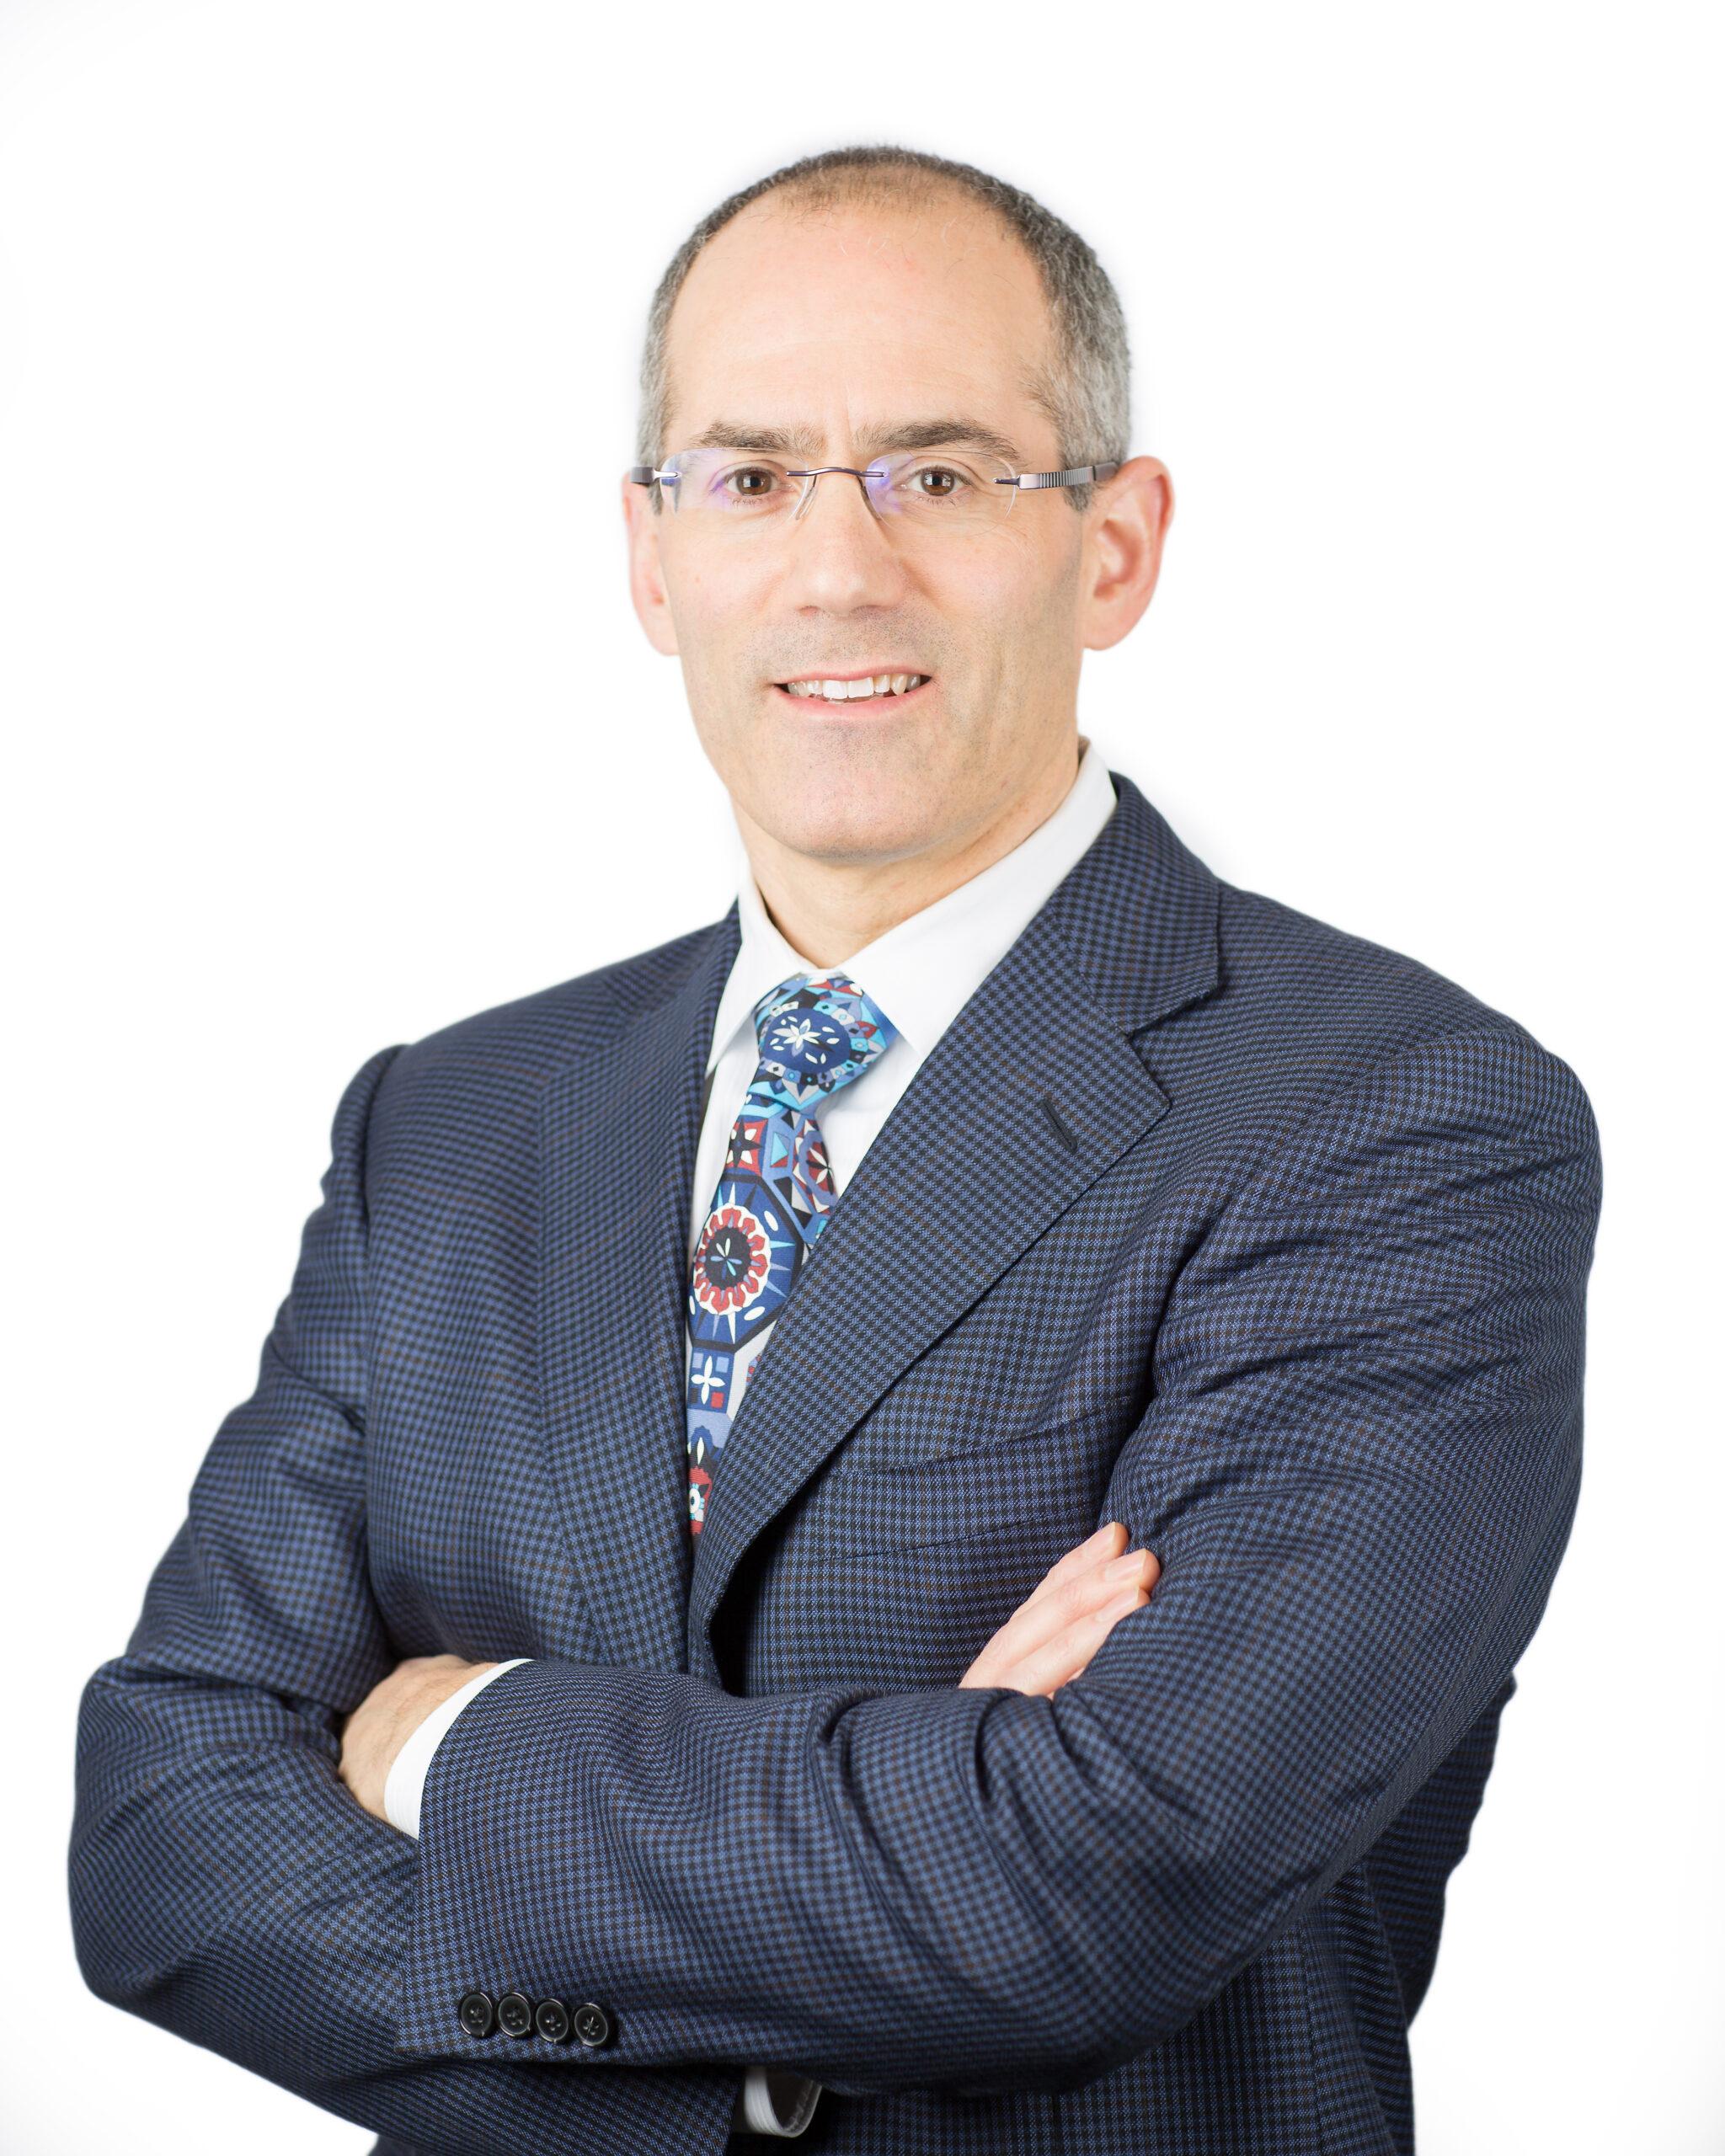 Steve Eppinger - Faculty co-director